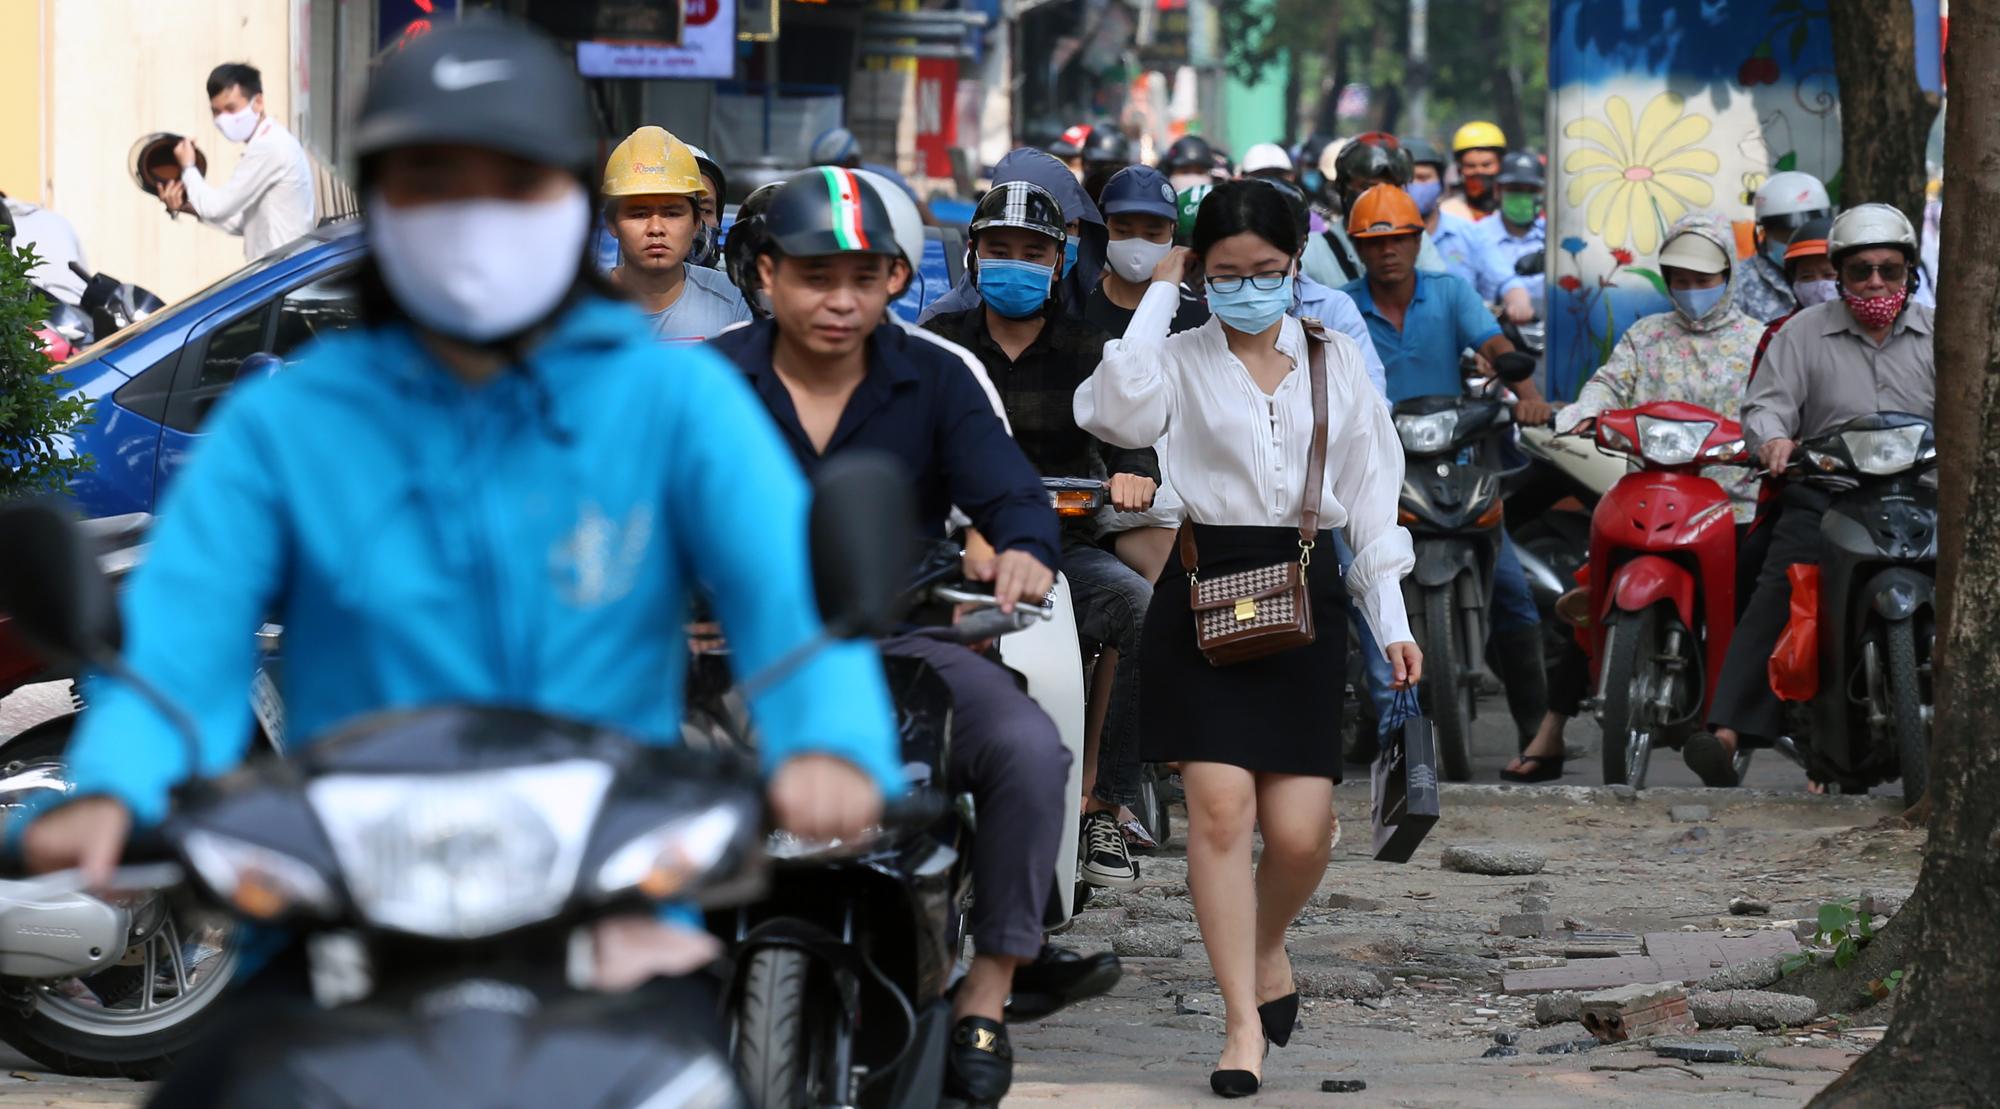 Chật vật qua nút giao Hoàng Quốc Việt - Nguyễn Văn Huyên đang xây cầu vượt - Ảnh 11.